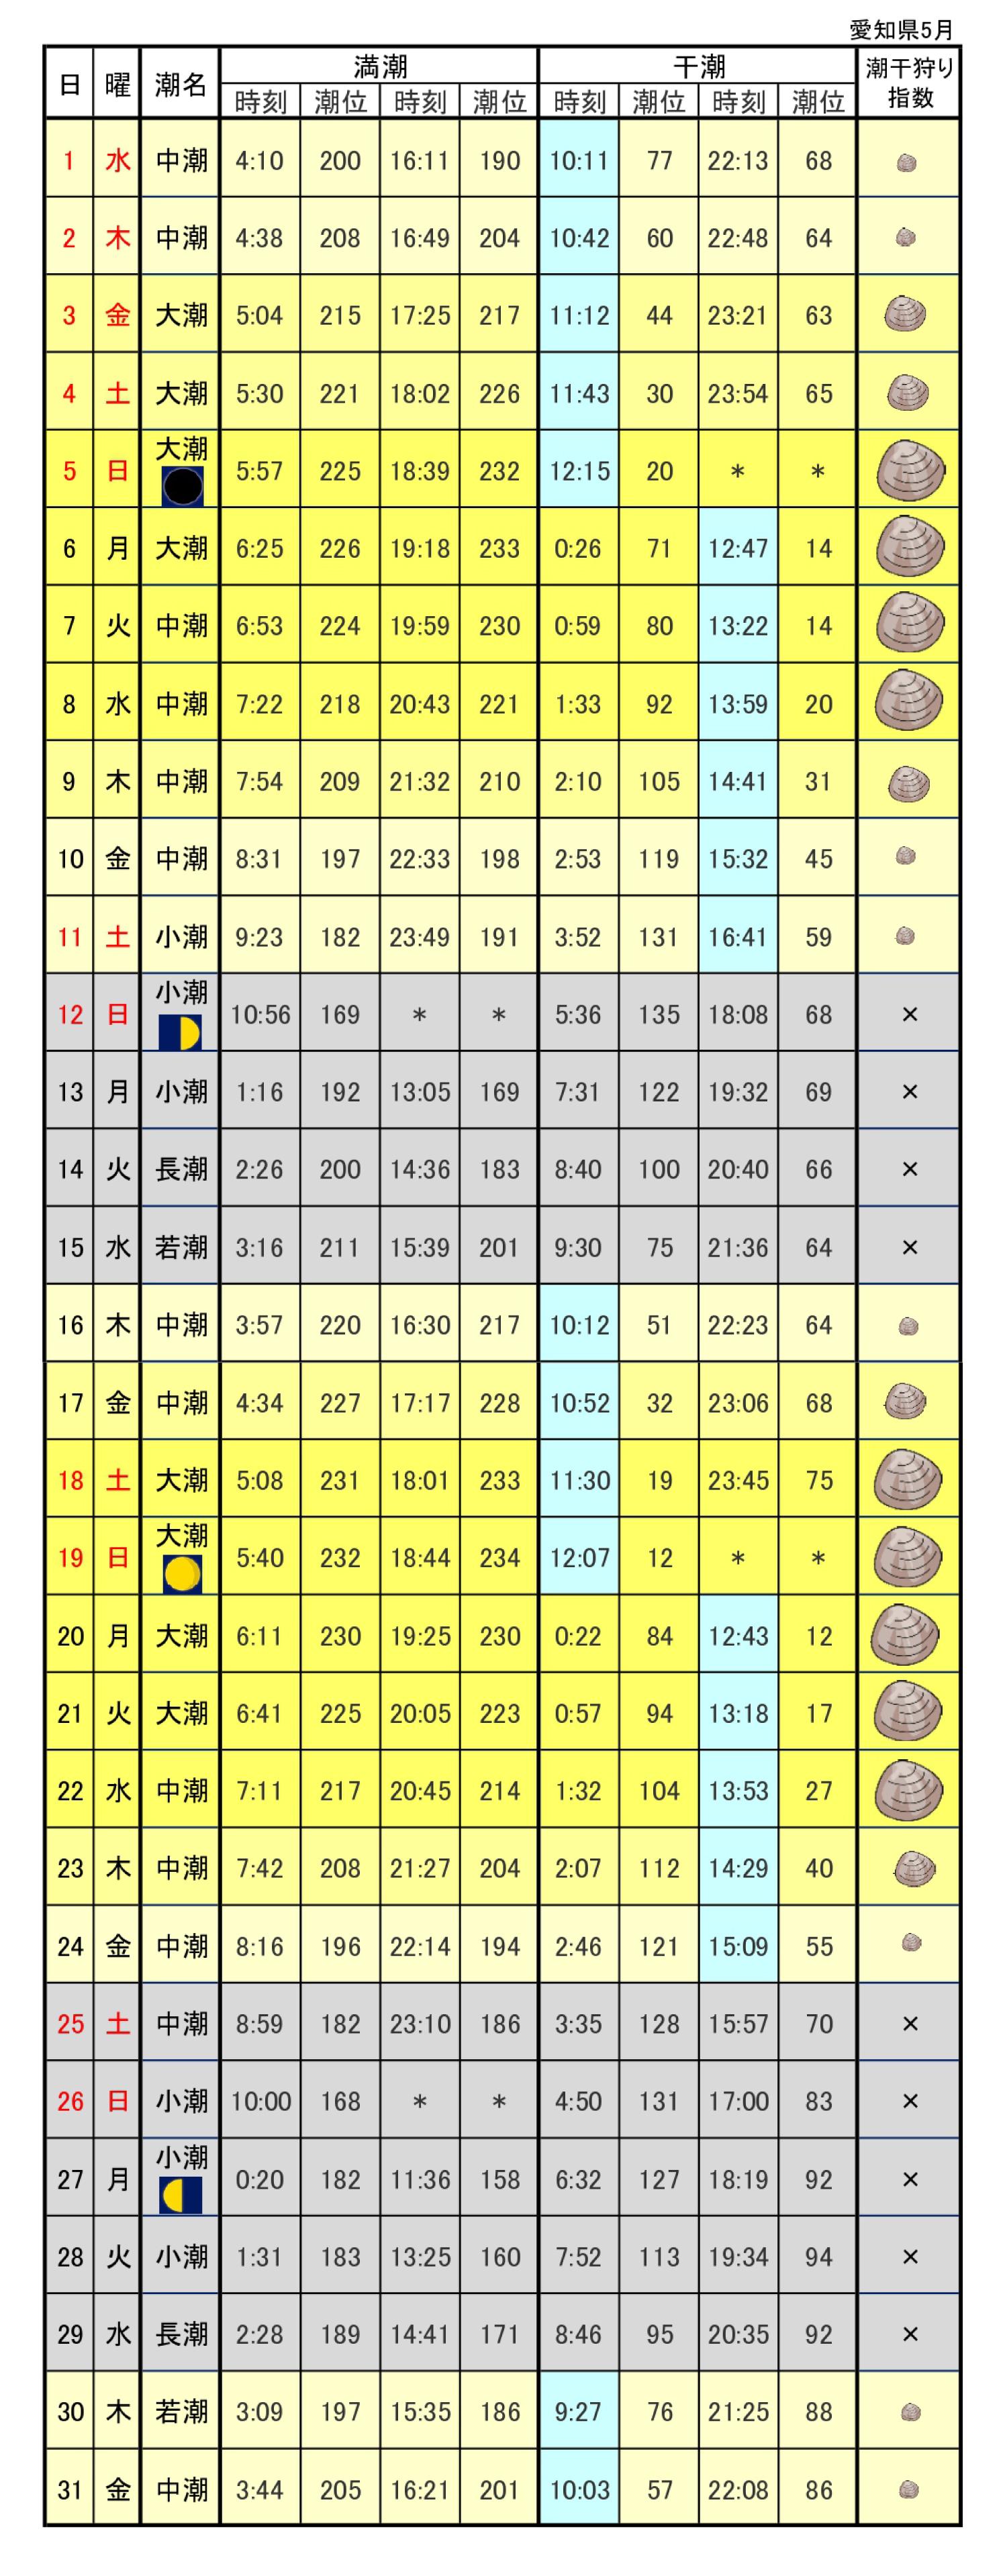 愛知県潮見表潮汐表令和元年5月